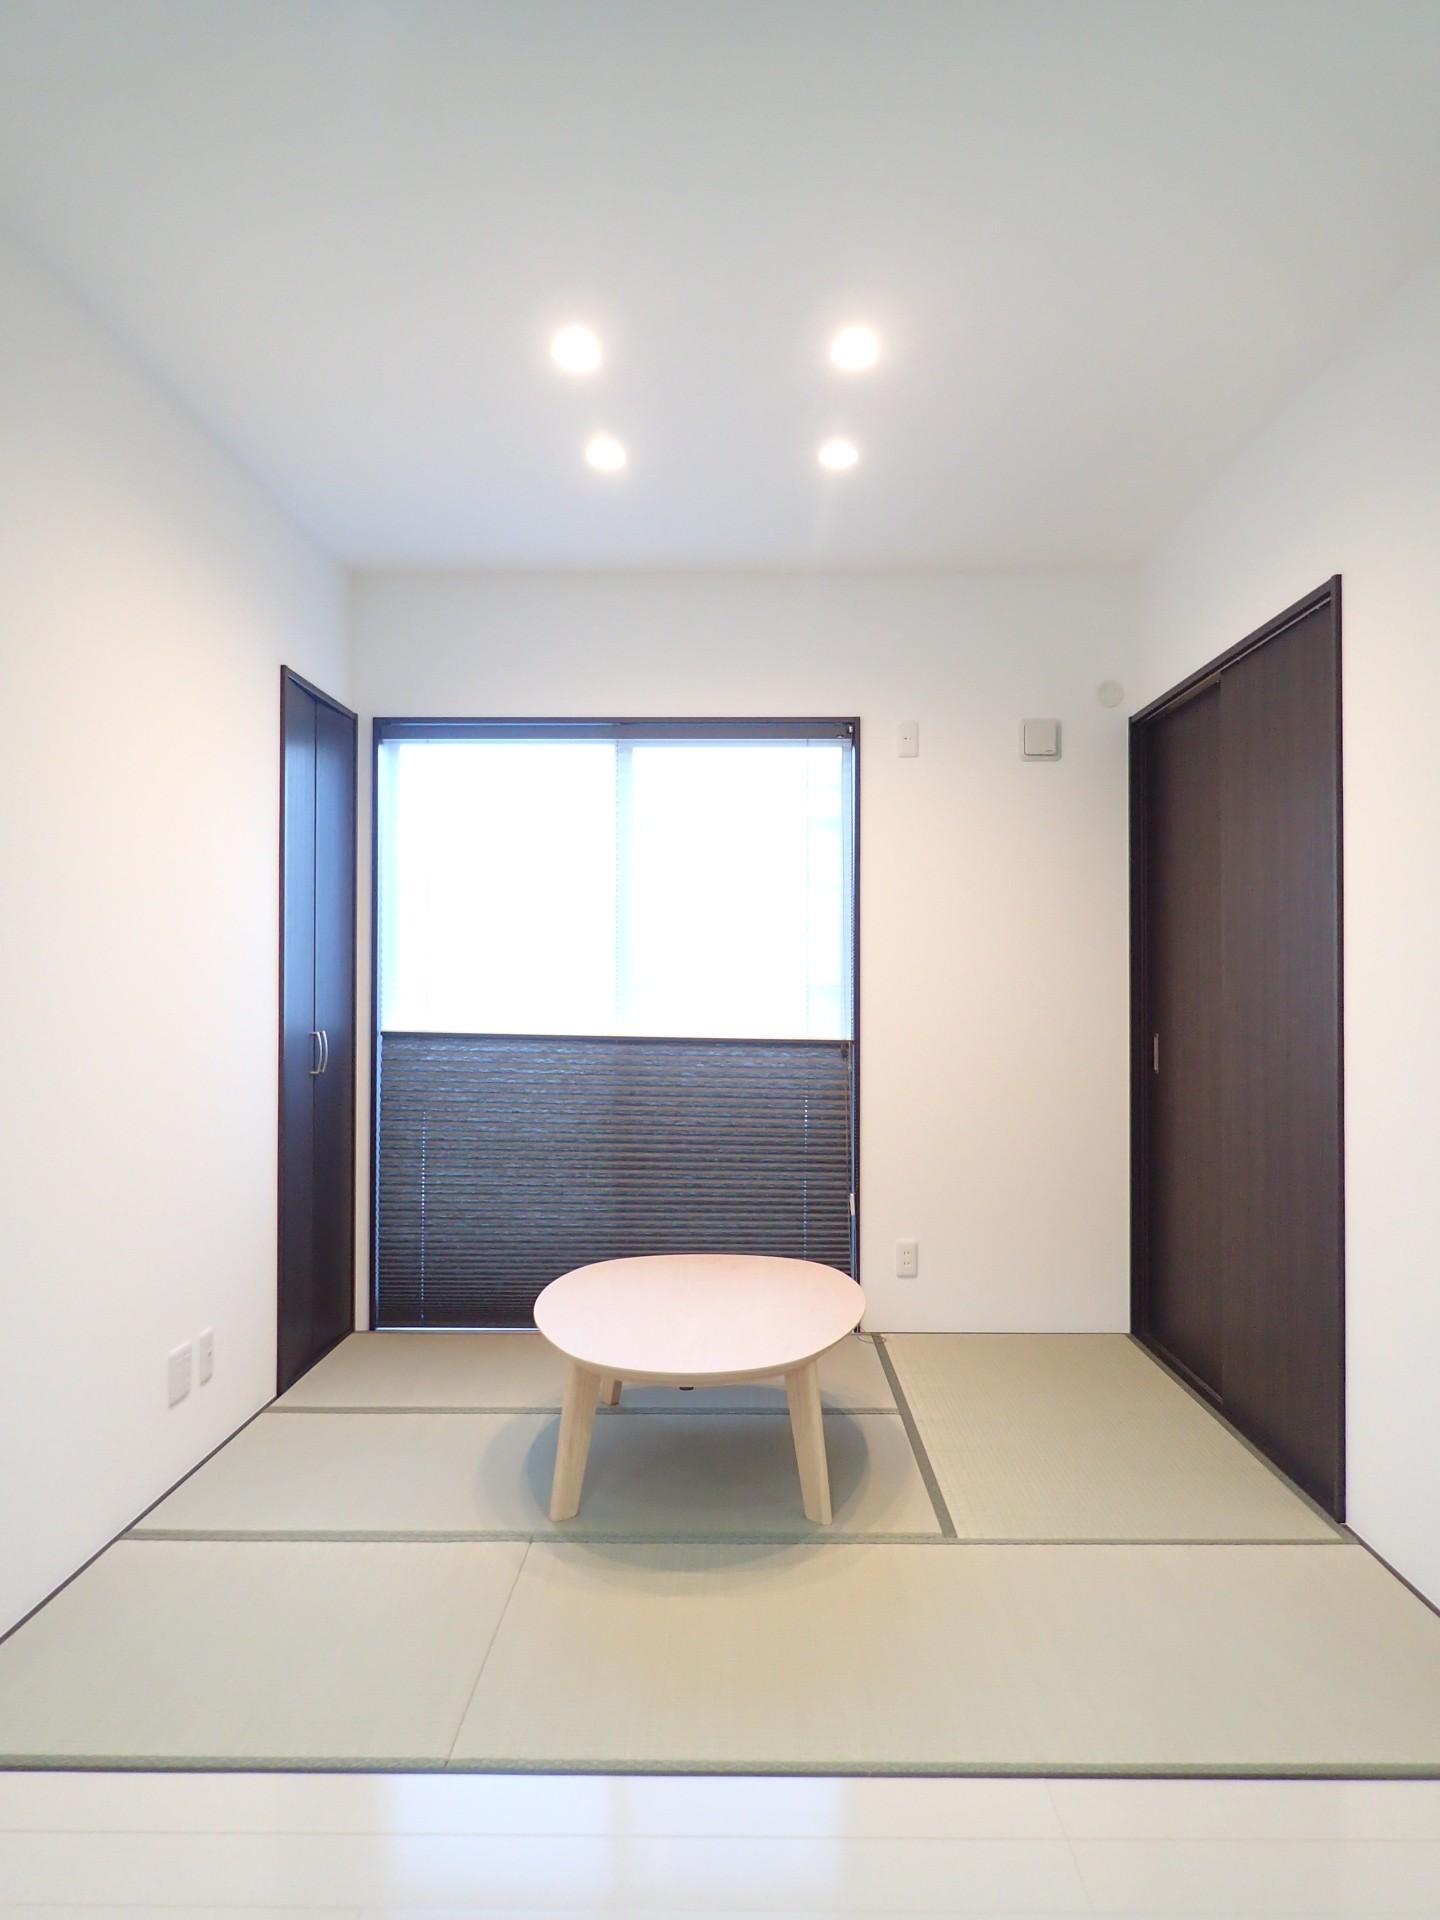 リビングダイニング事例:和室コーナー(白と黒を基調としたシンプルモダンな家)